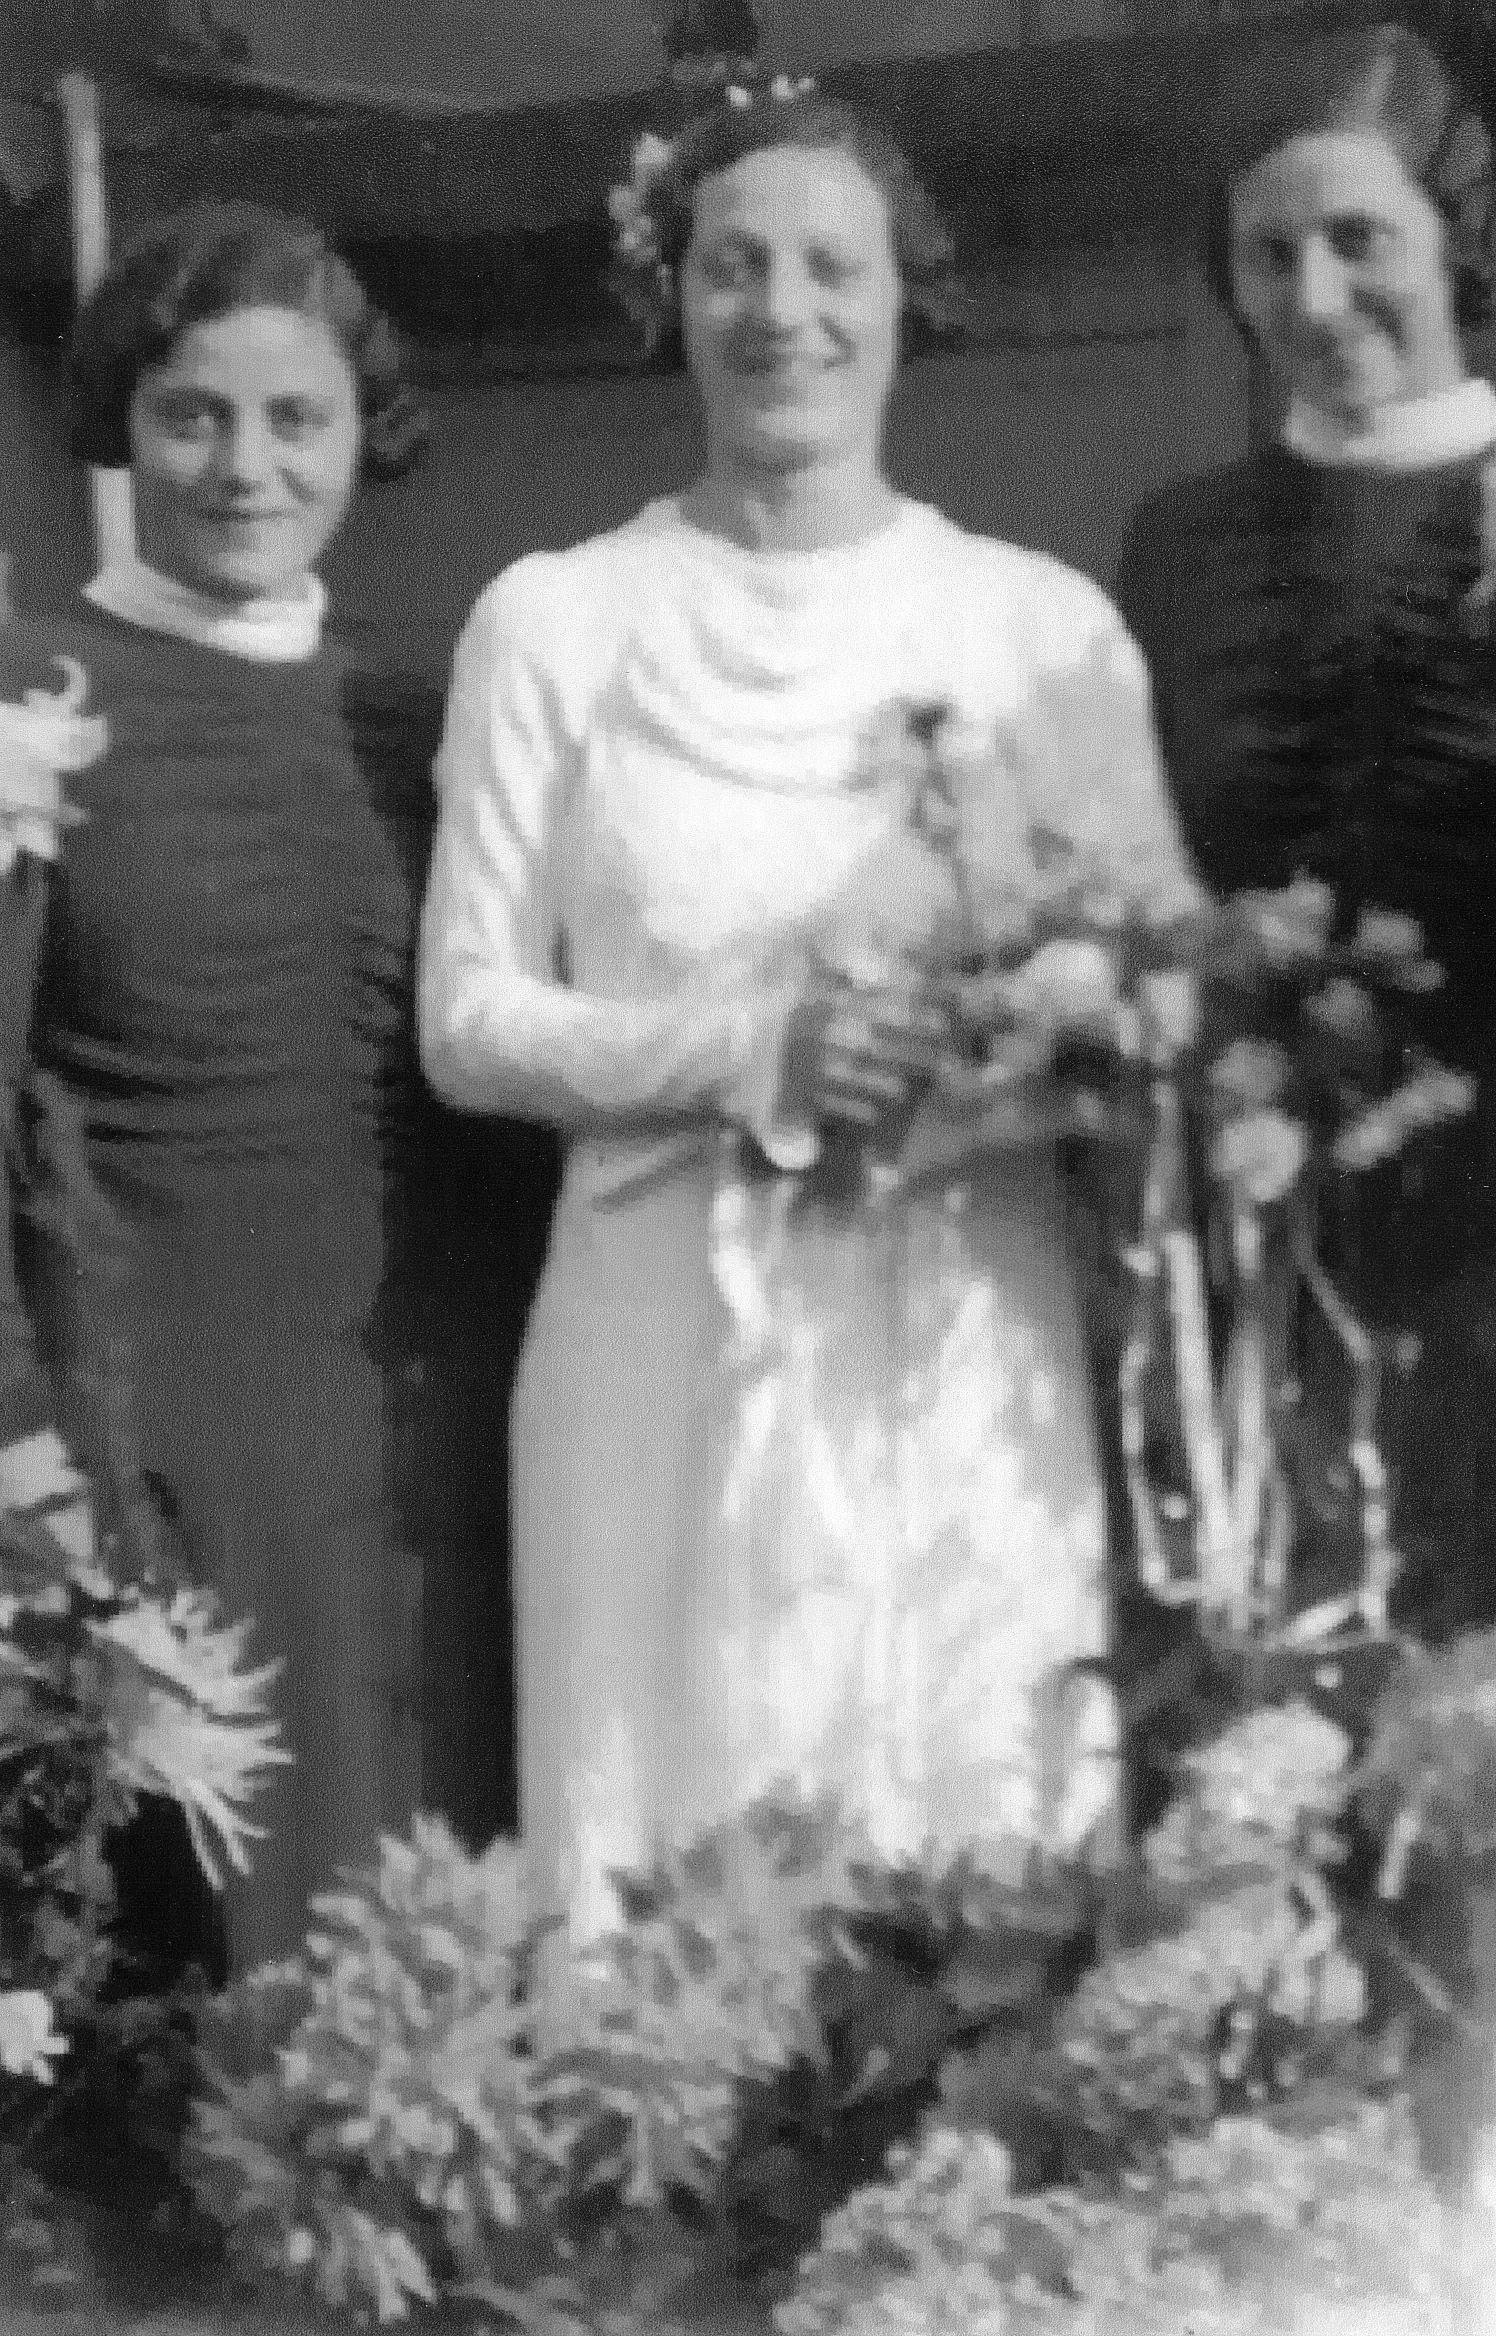 Christina Maria Agterberg (1913-1956), Maria Johanna Agterberg (1912-1990), Helena Agterberg (1910-)